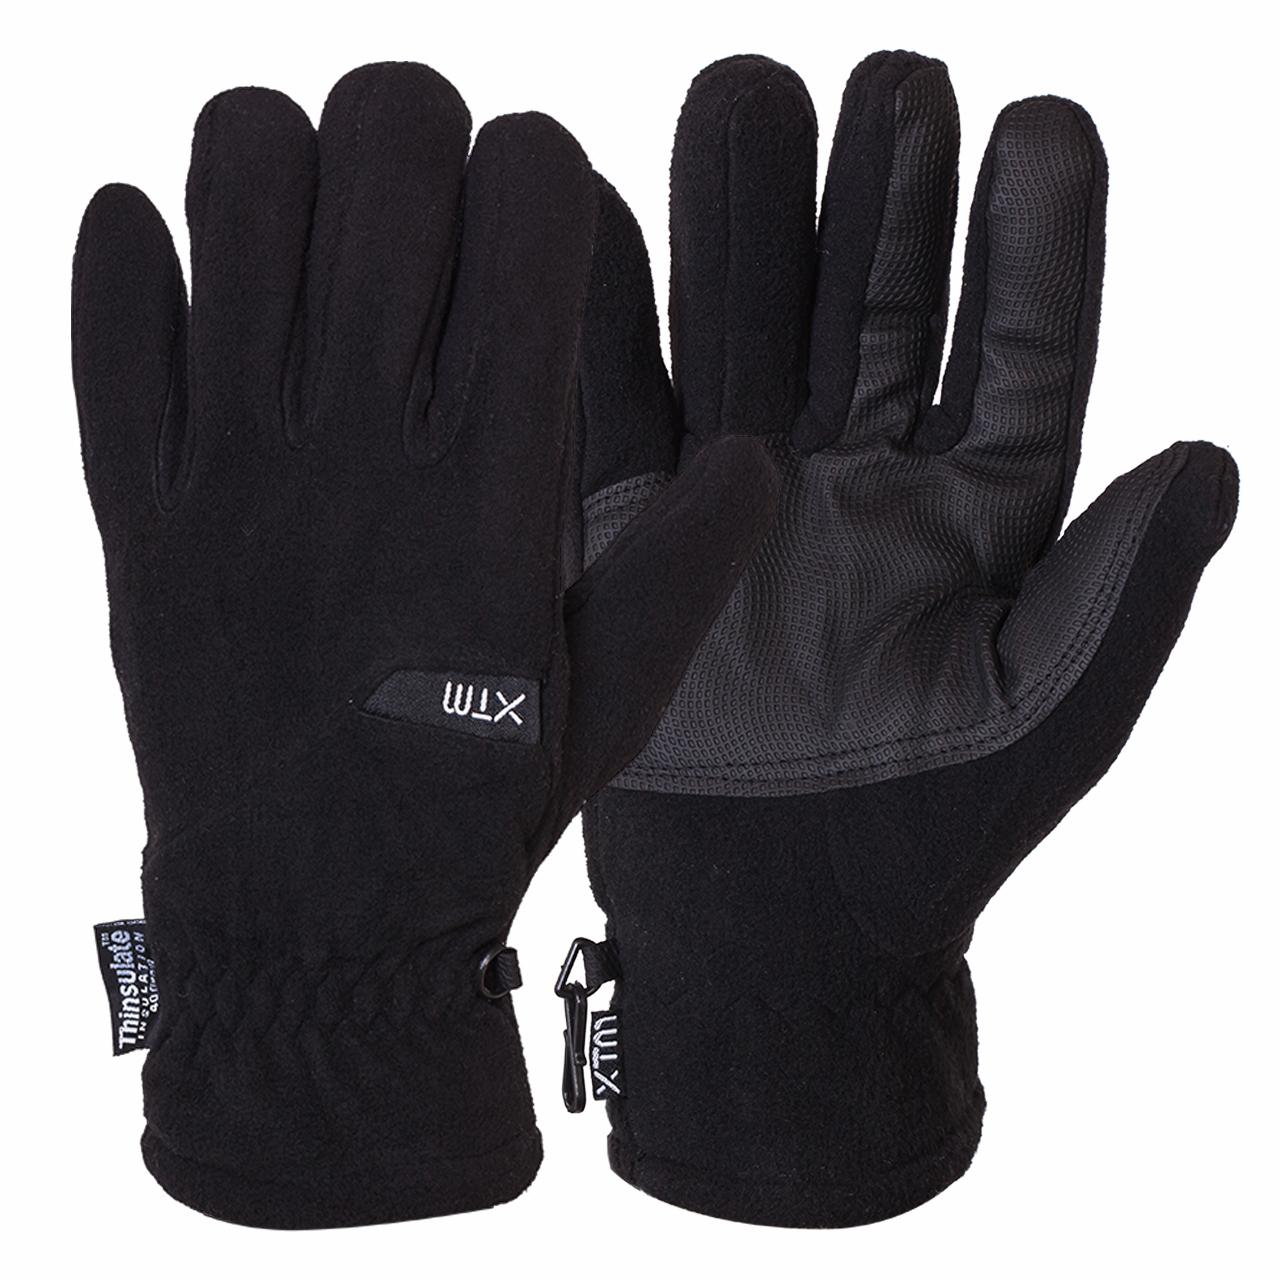 Купить недорогие перчатки на флисе с утеплителем